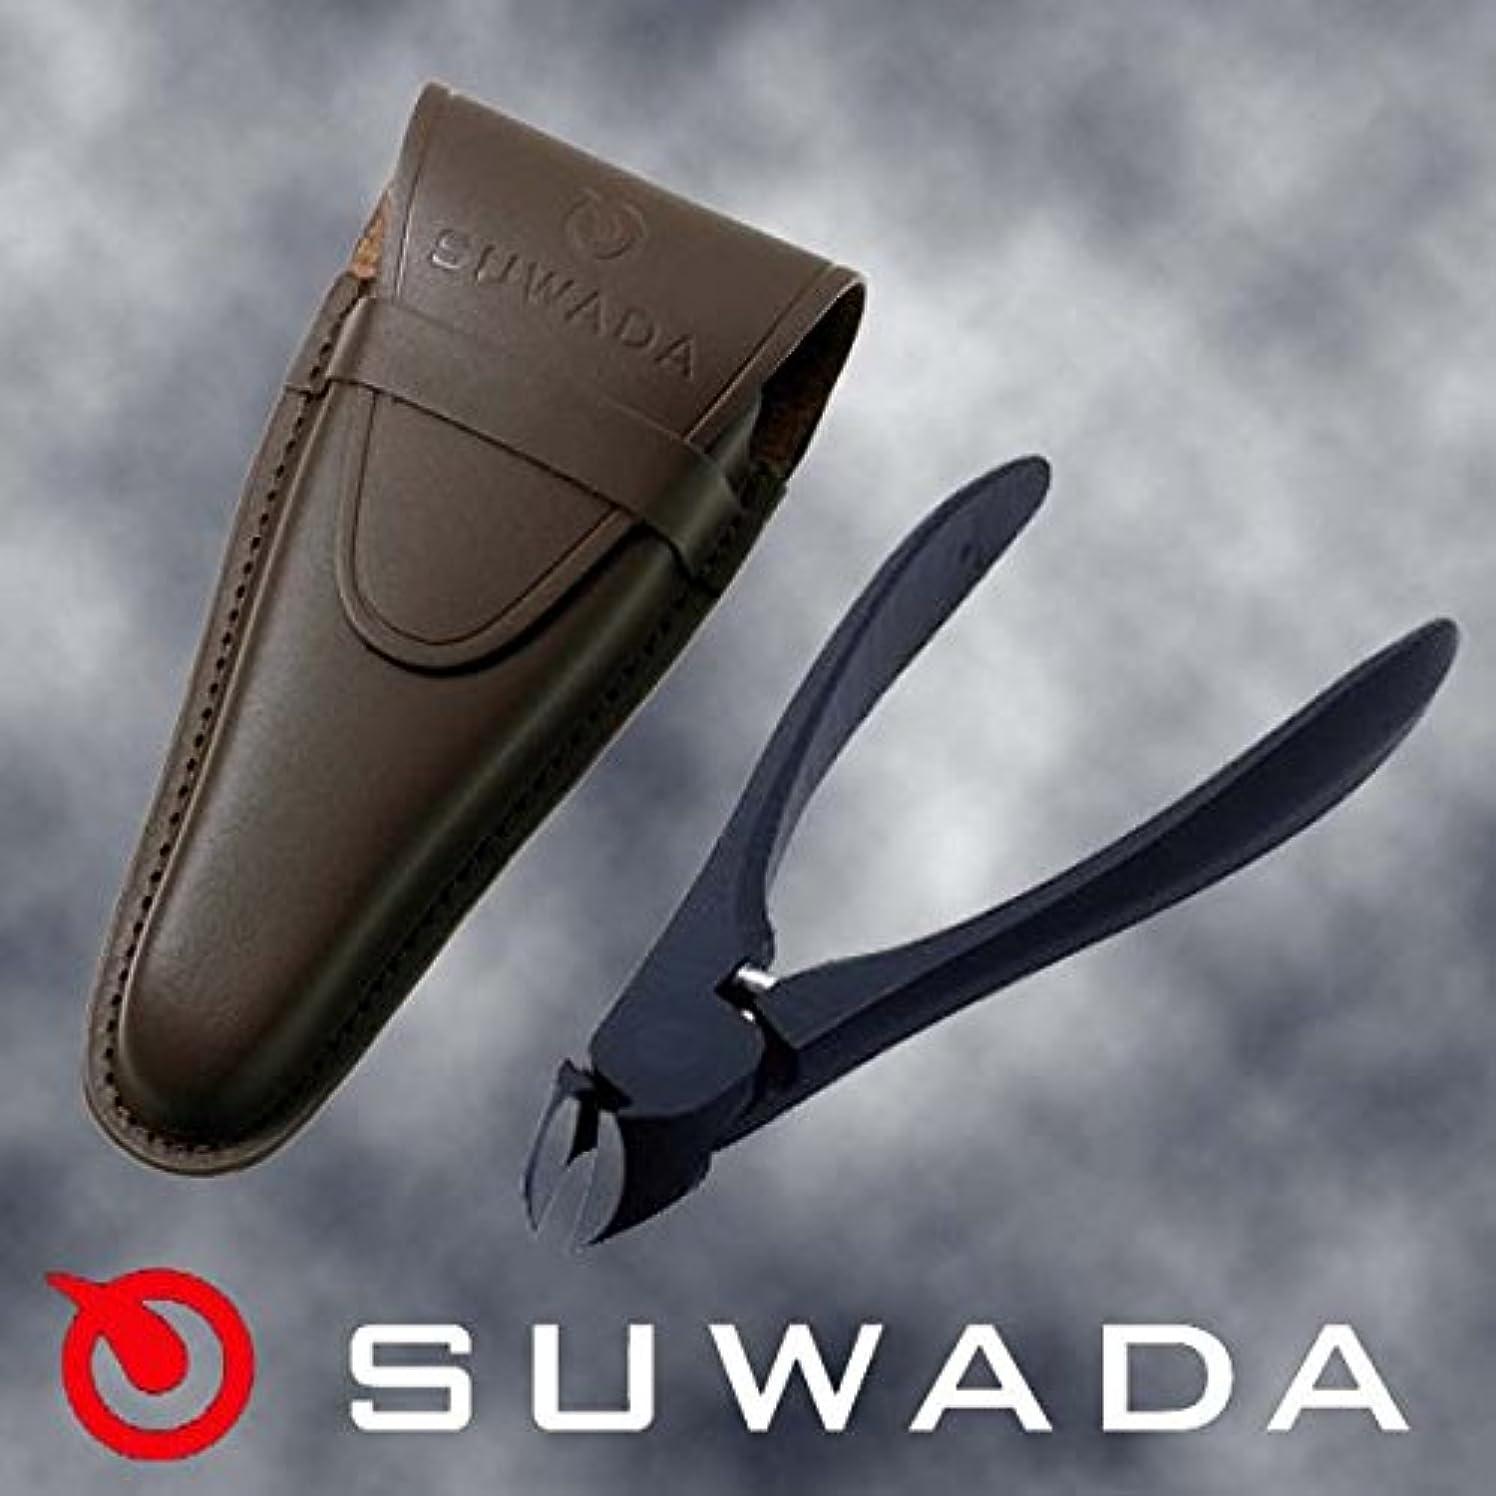 遠えアラートテストSUWADA爪切りブラックL&ブラウン革ケースセット 諏訪田製作所 スワダの爪切り